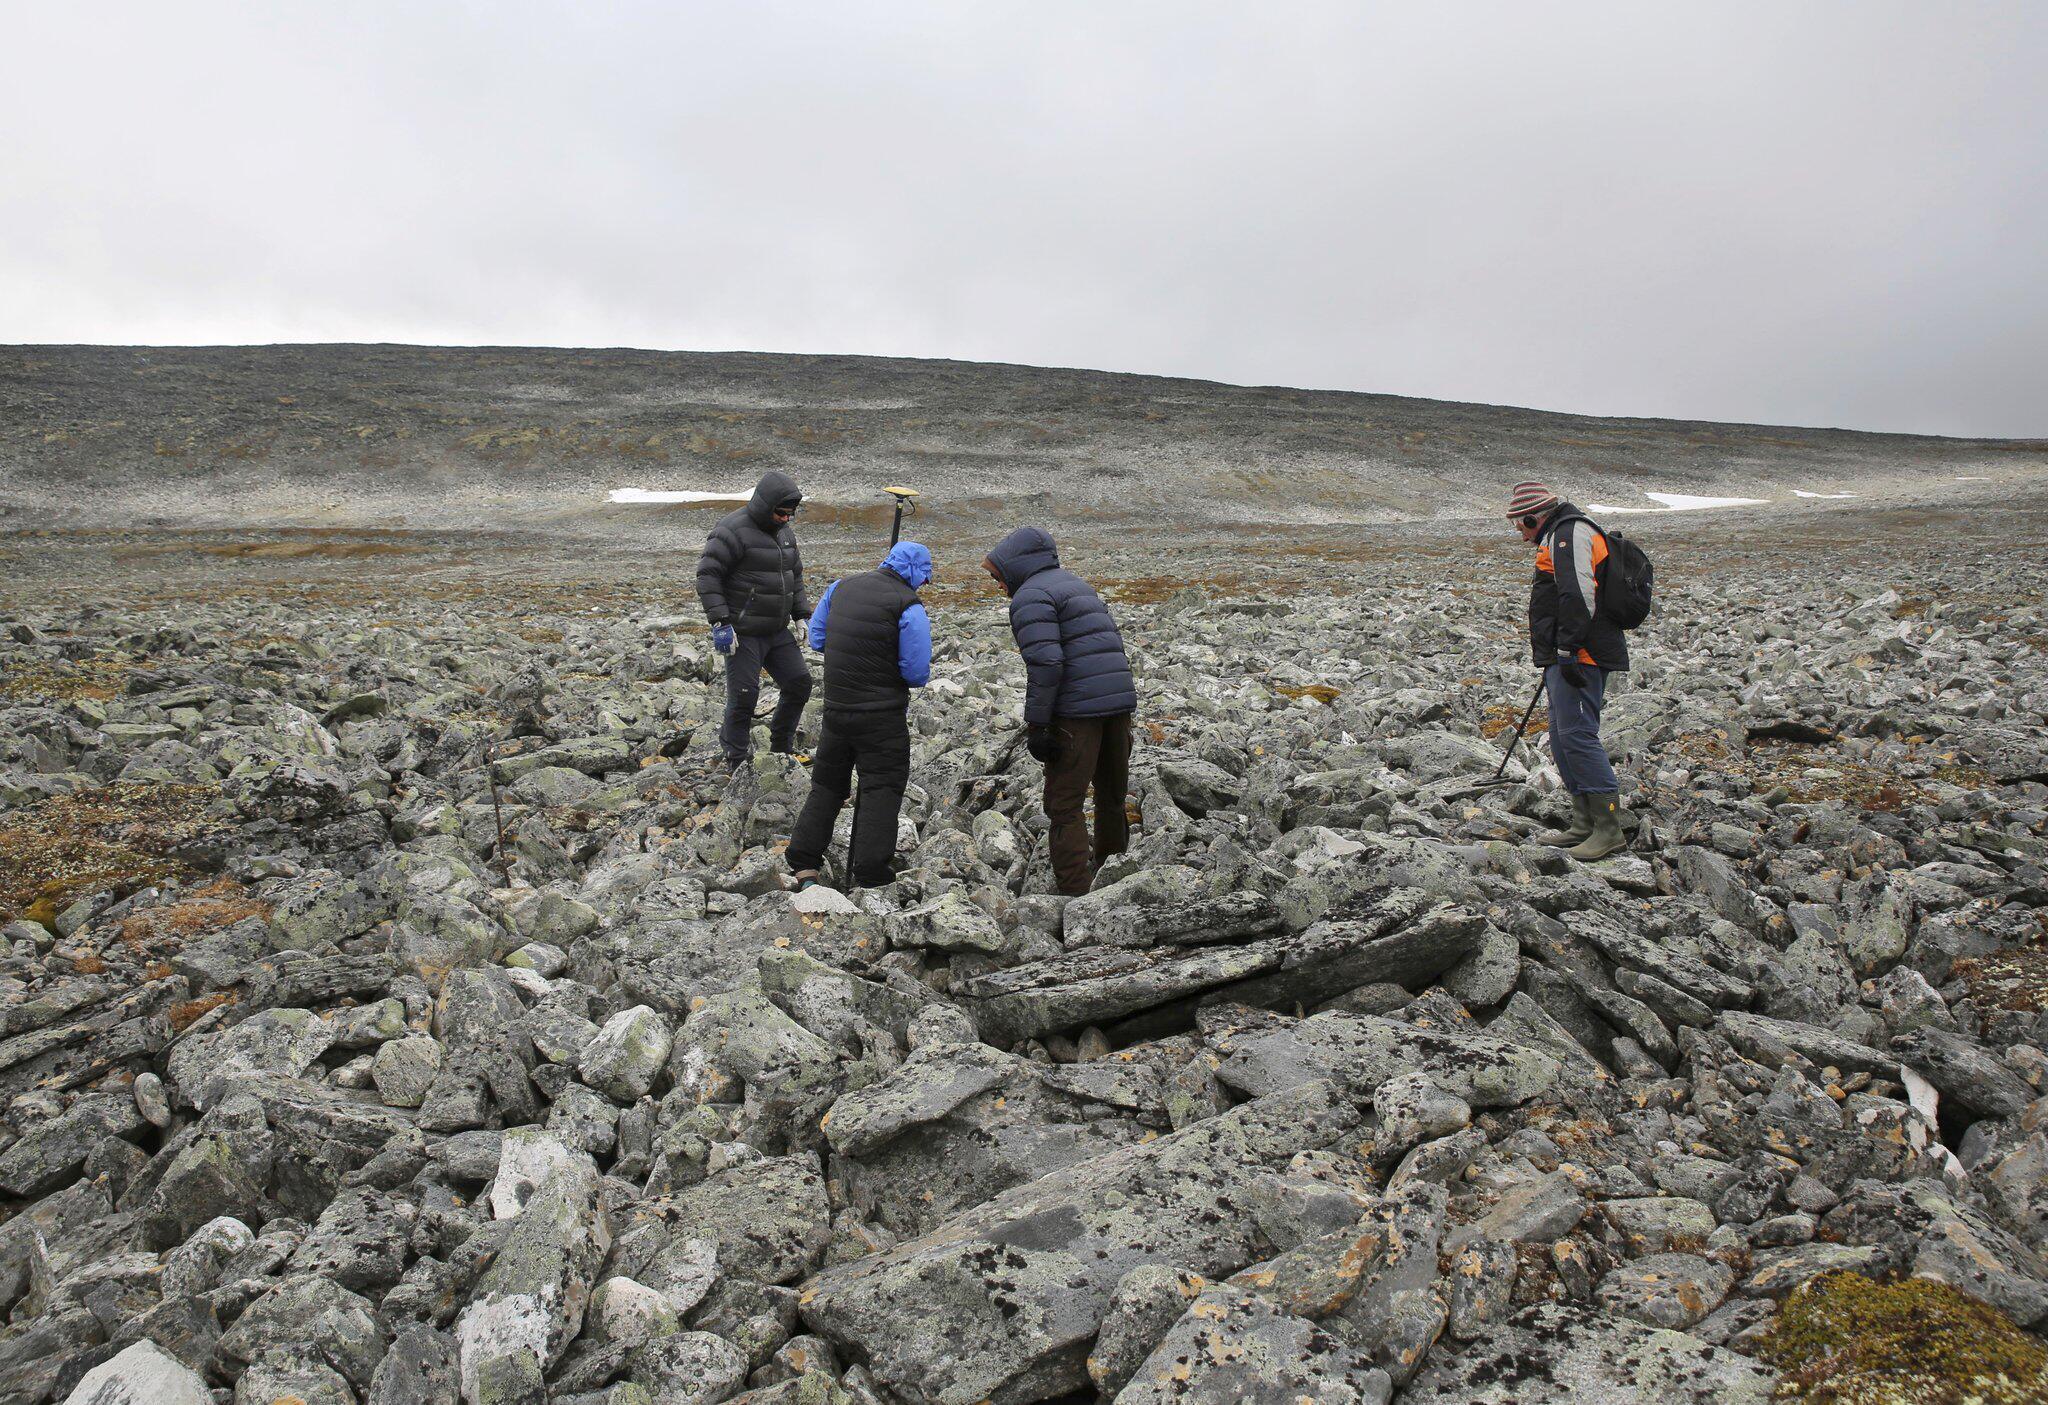 Bild zu Wikingerschwert in norwegischen Bergen entdeckt